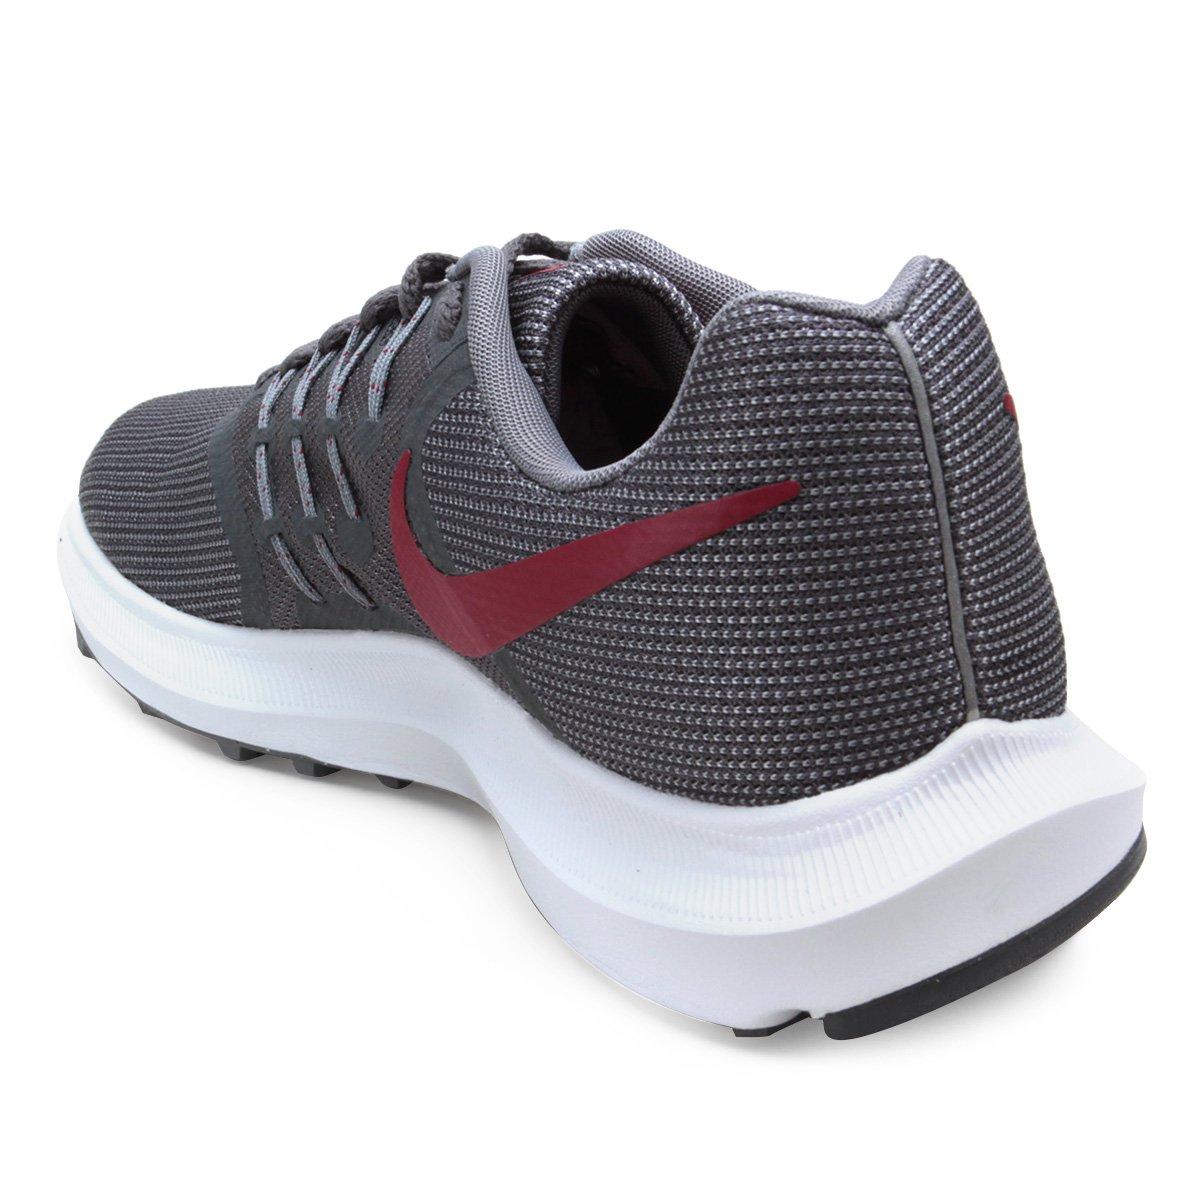 Tênis Nike Run Swift Masculino - Compre Agora  c68e14f3ce529